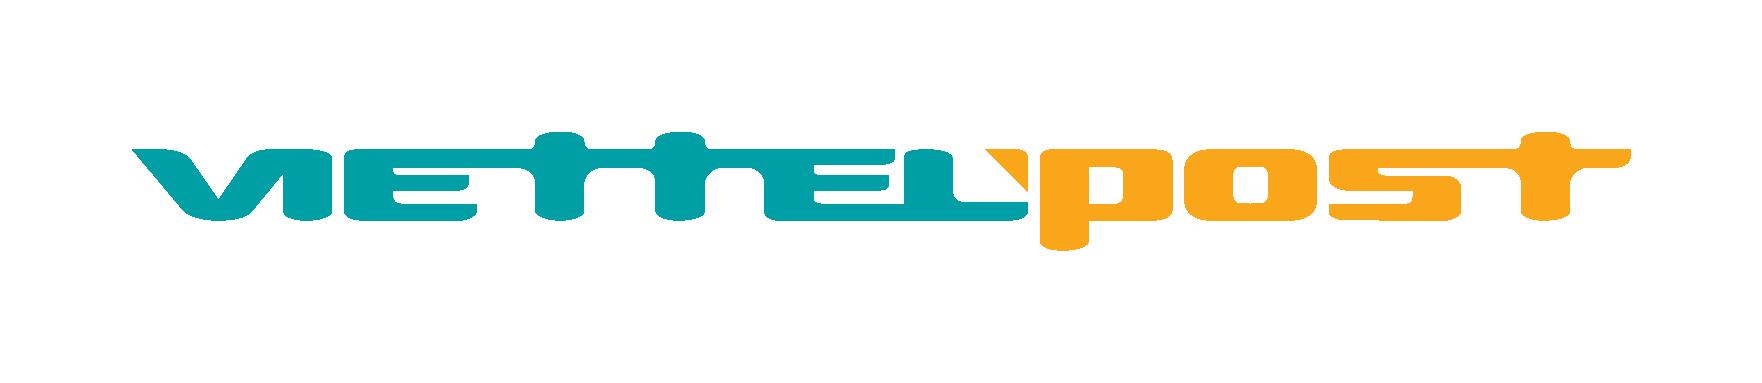 Logo chuyển phát nhanh Viettel